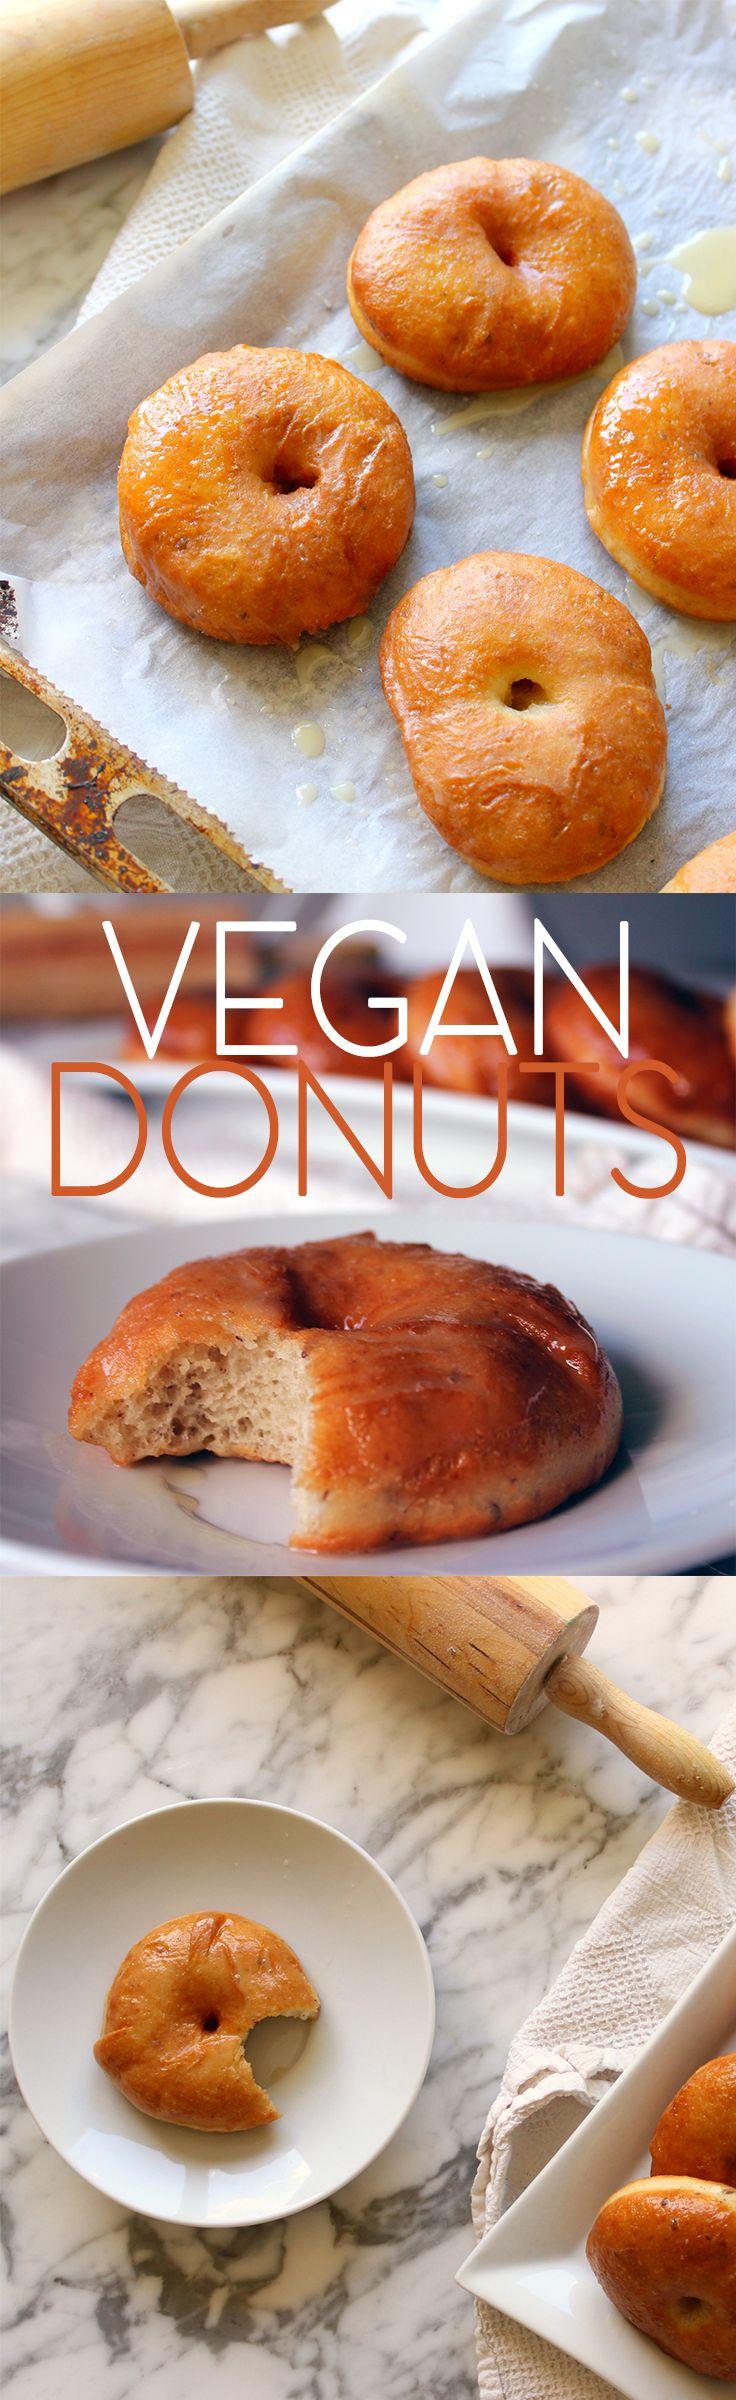 VEGAN DONUTS MET VANILLE GLAZUUR RECEPT! Deze vegan donuts zijn net zo lekker, zo niet lekkerder dan het origineel. Ze zijn licht, luchtig en hebben een goeie bite. Vanille glazuur maakt het af!